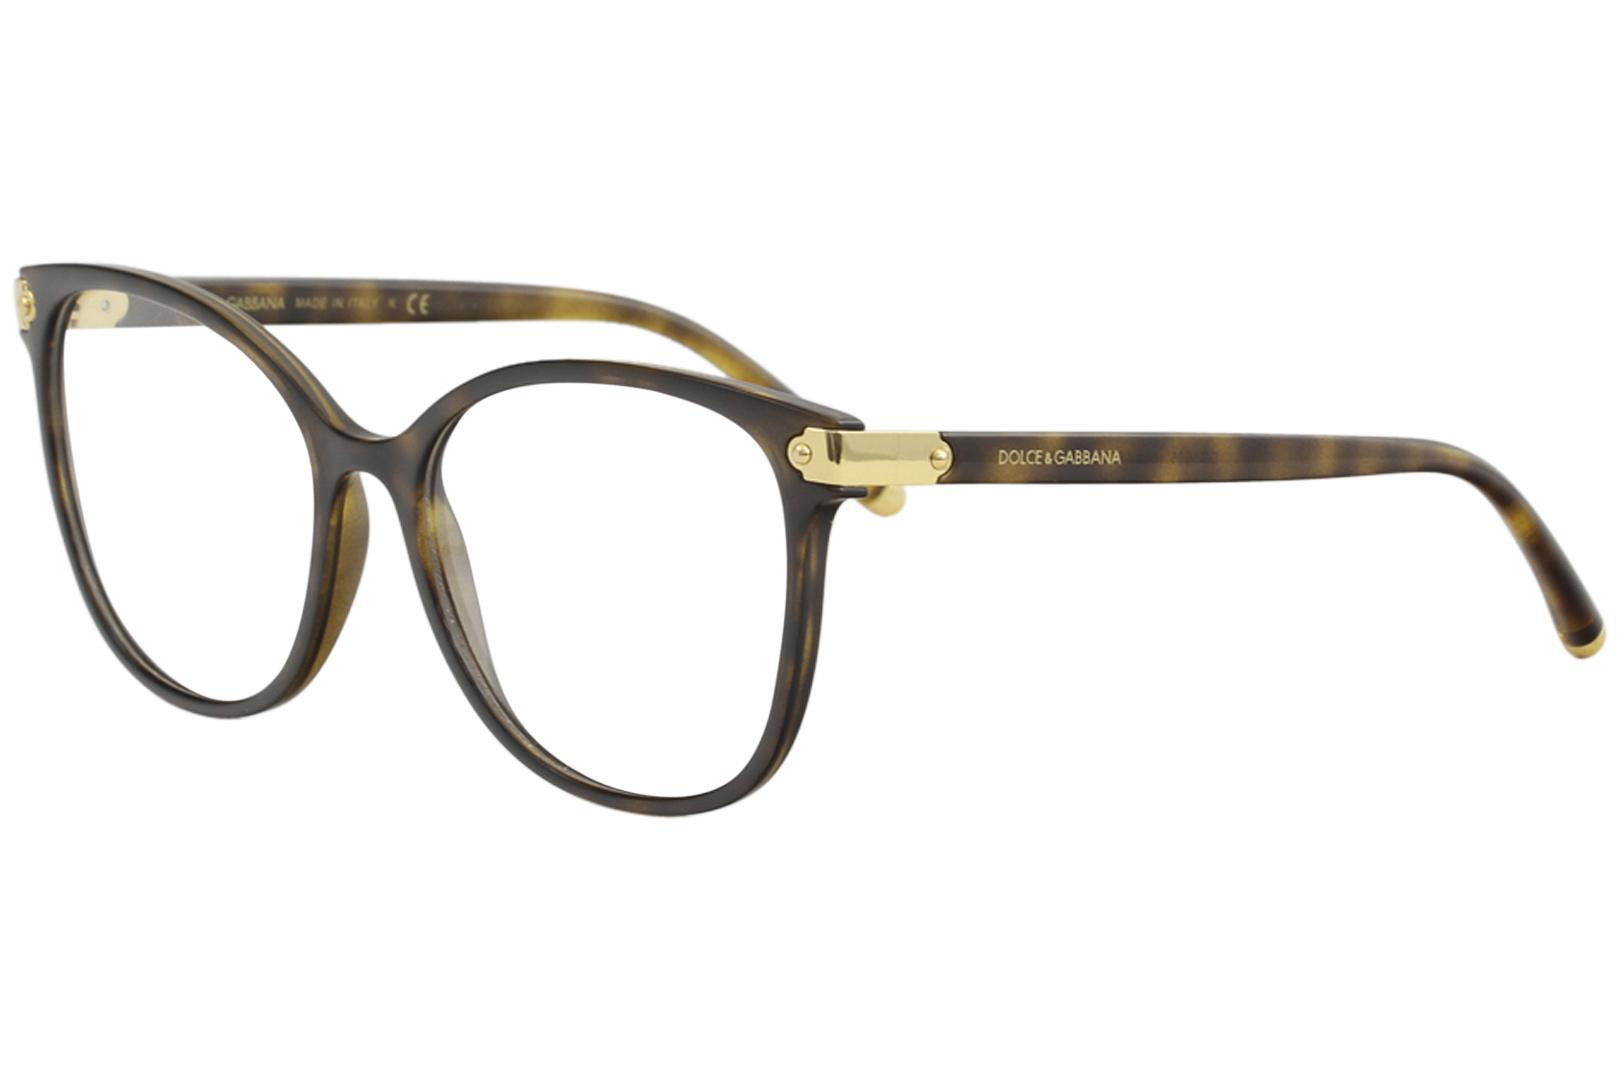 af292a4627ede3 Dolce   Gabbana Women s Eyeglasses D G DG5035 DG 5035 Full Rim Optical Frame  by Dolce   Gabbana